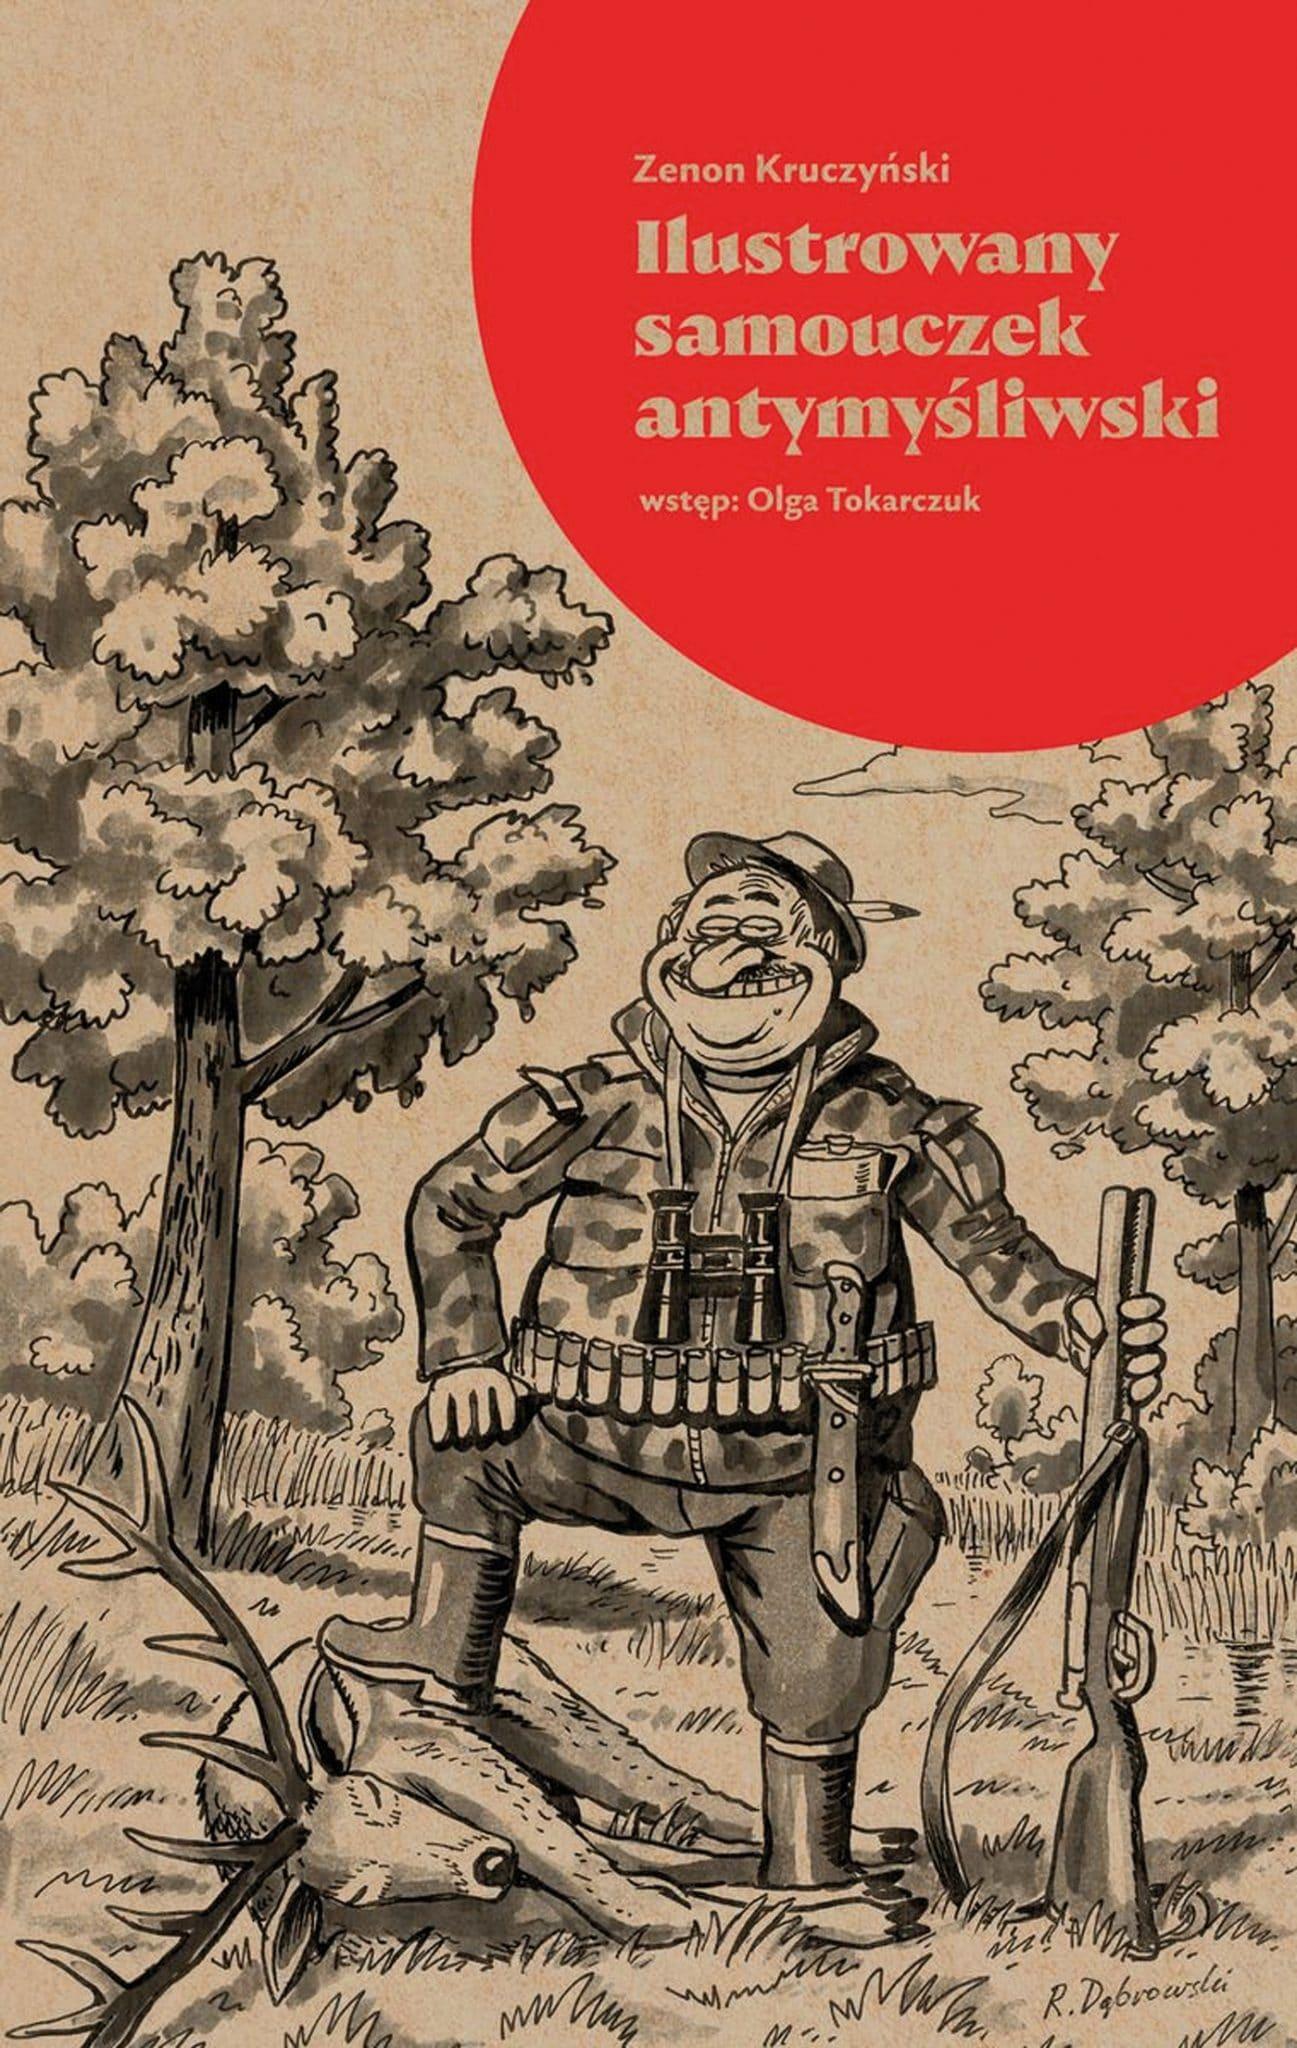 Zenon Kruczyński: Ilustrowany samouczek antymyśliwski